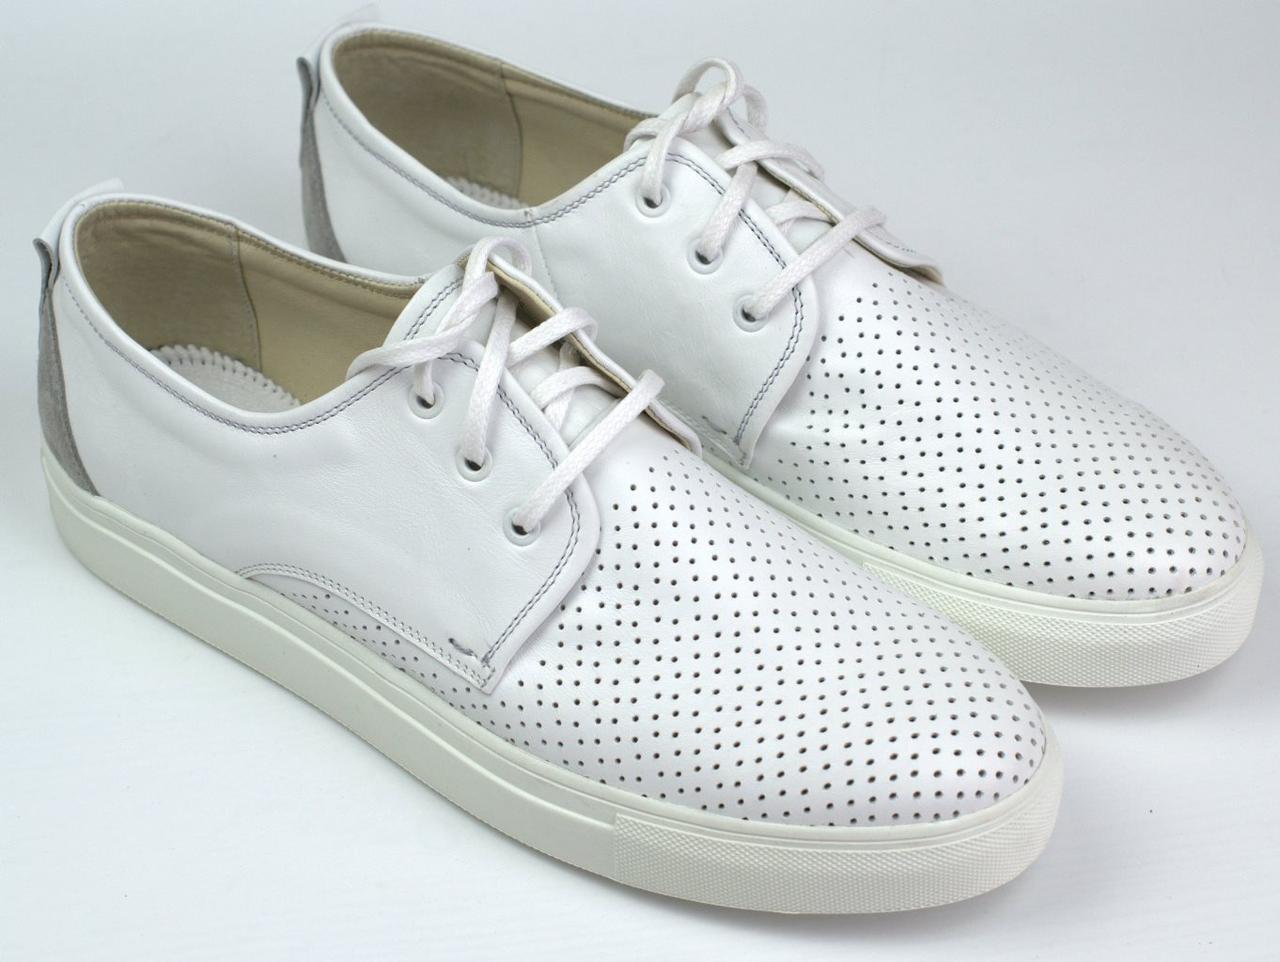 Кроссовки кеды повседневные белые мужские слипоны кожаные с перфорацией летняя обувь Rosso Avangard SlipWhite